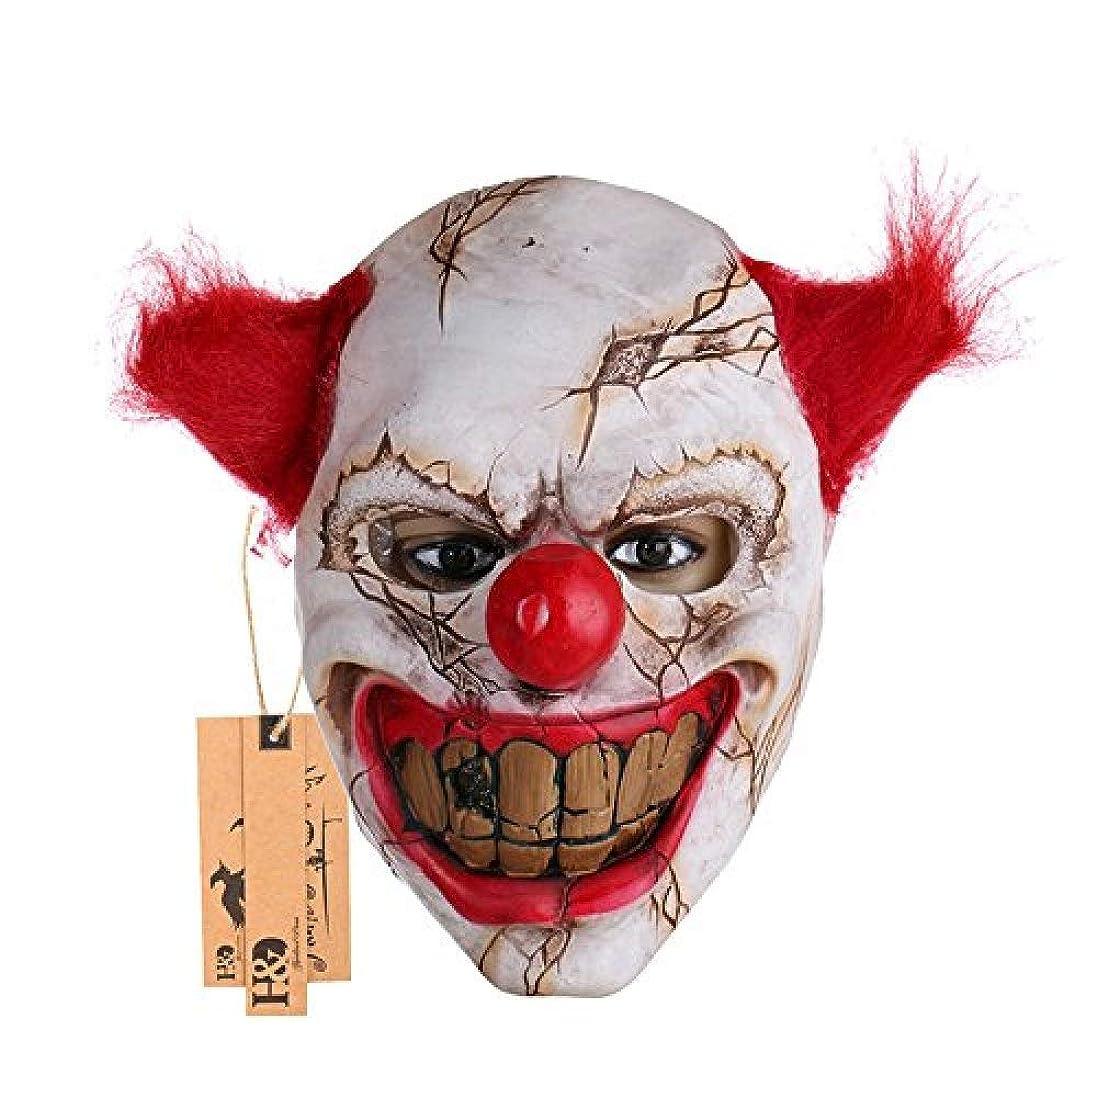 惨めな学期邪悪なハロウィーンラテックスピエロマスク、コスチュームパーティー小道具マスク、透明な大きな口の赤い髪の鼻、コスプレホラーマスカレードマスクゴーストパーティー